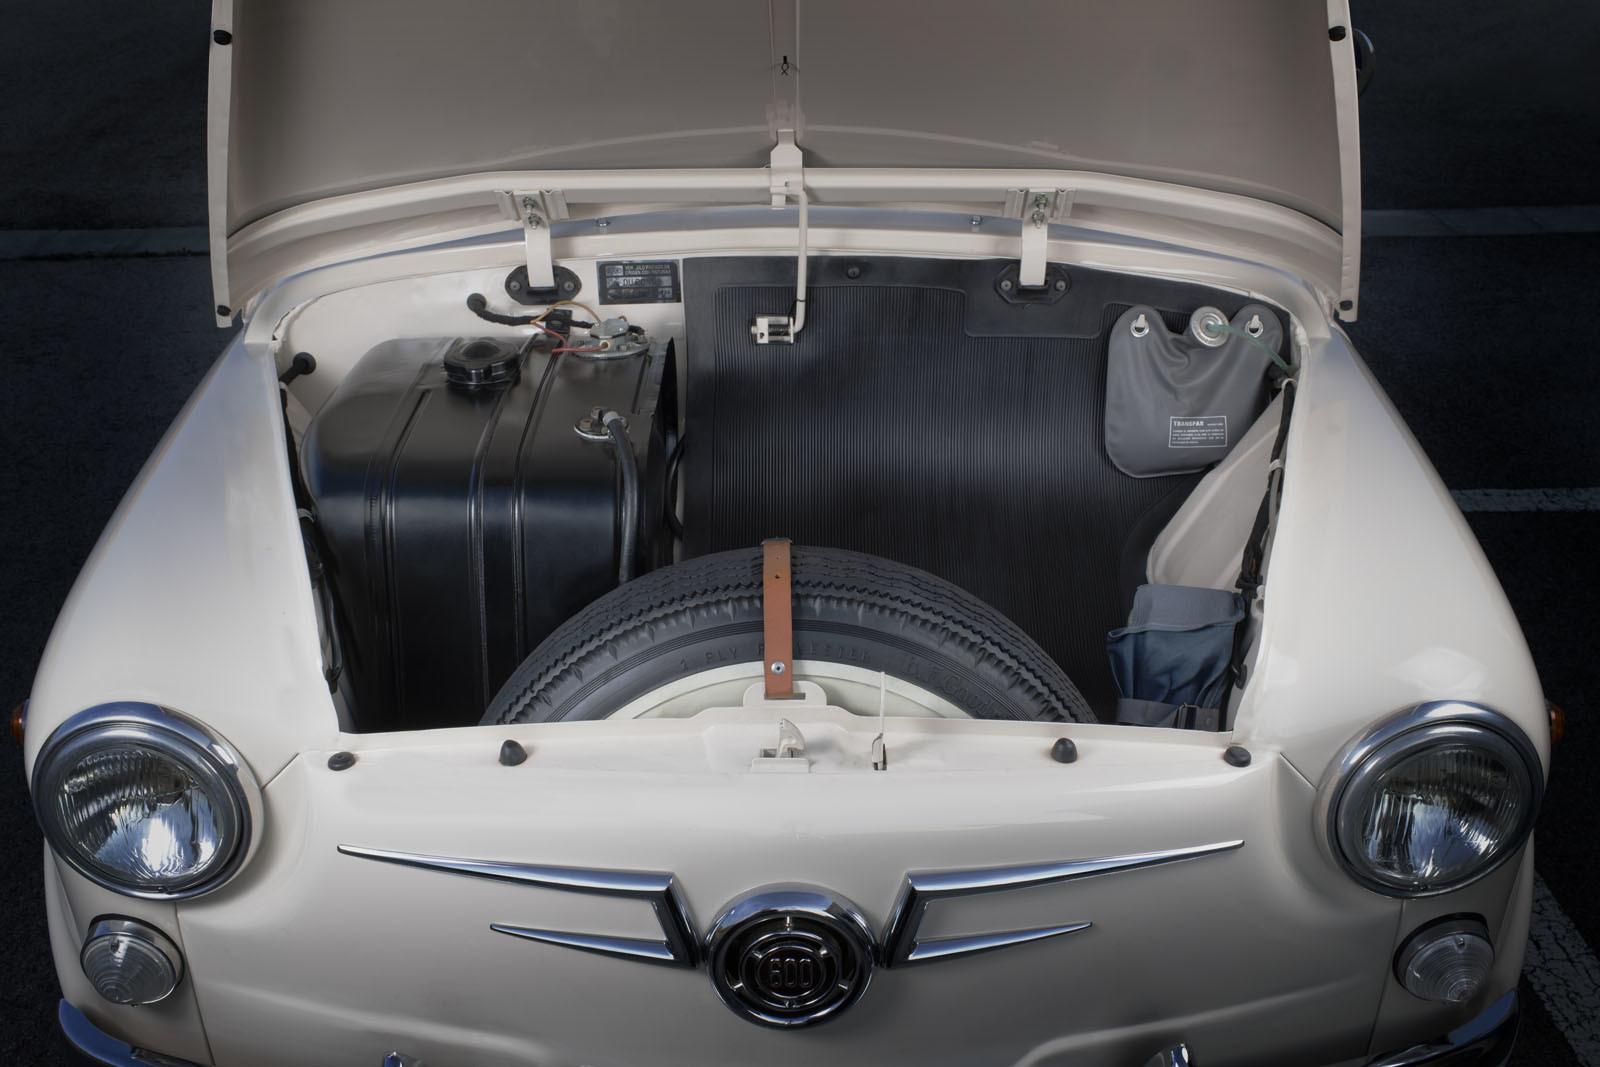 Foto de SEAT 600 (50 Aniversario) (16/64)